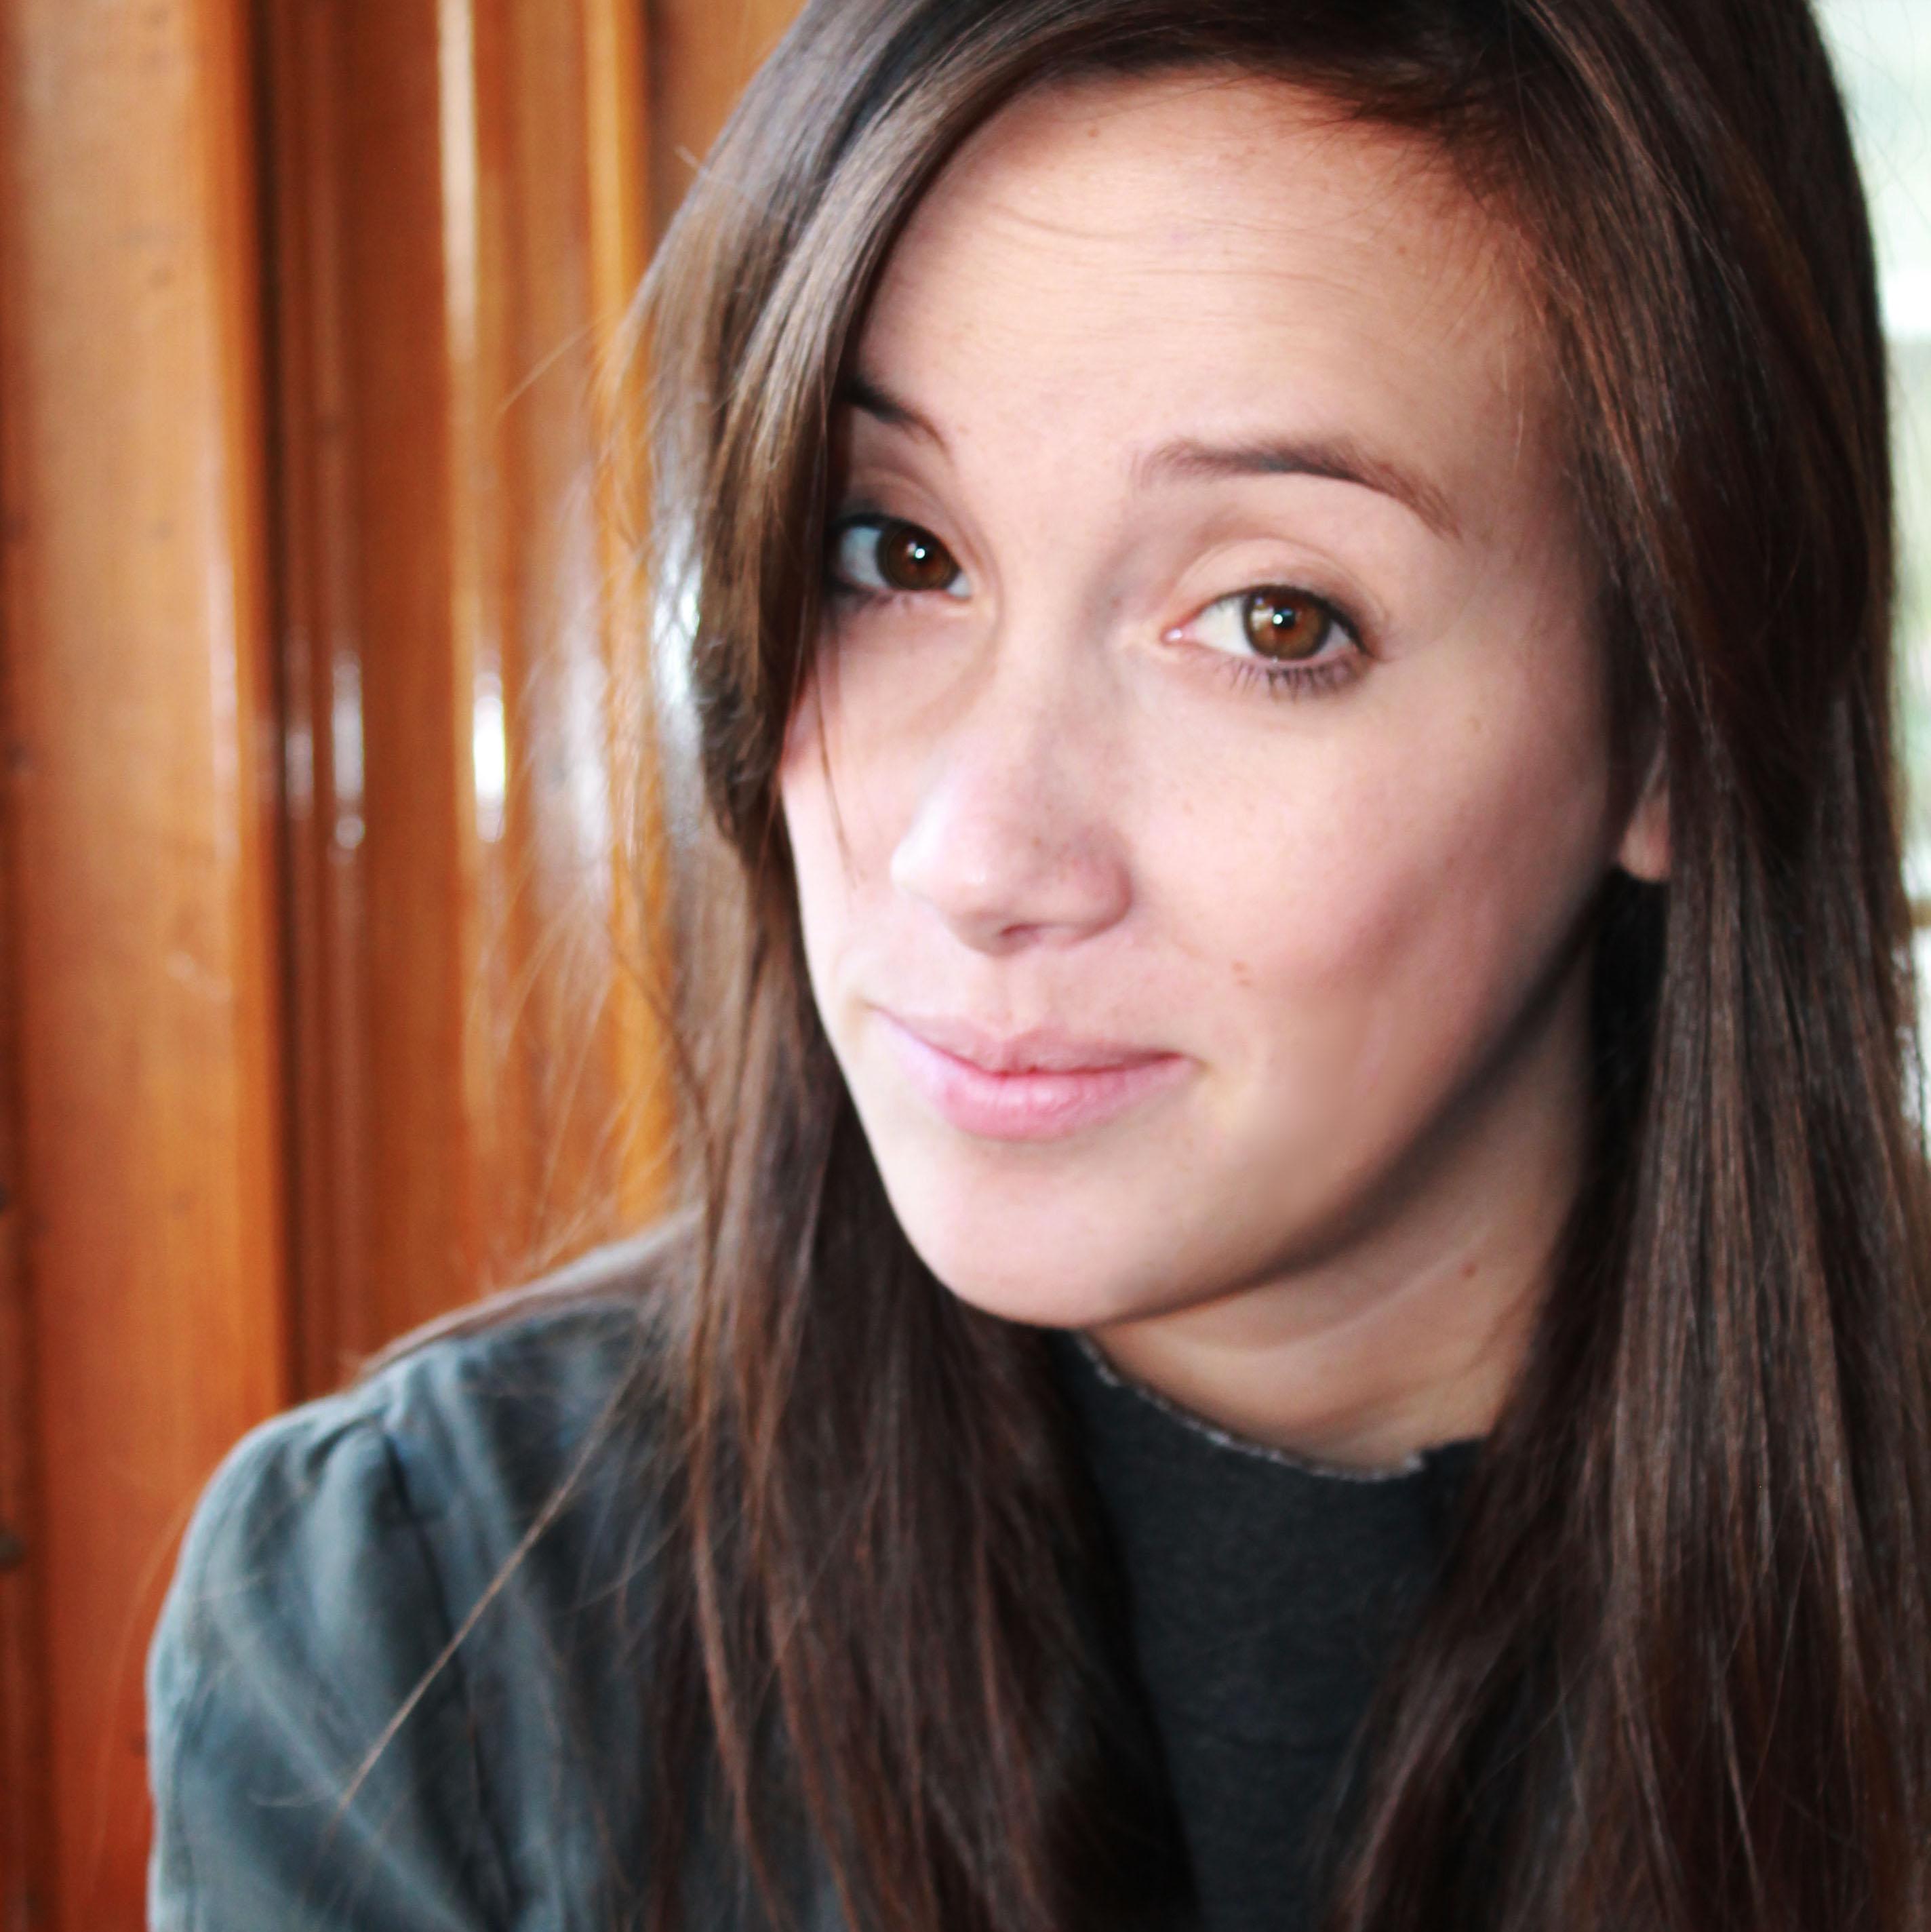 Ludovica Rigo